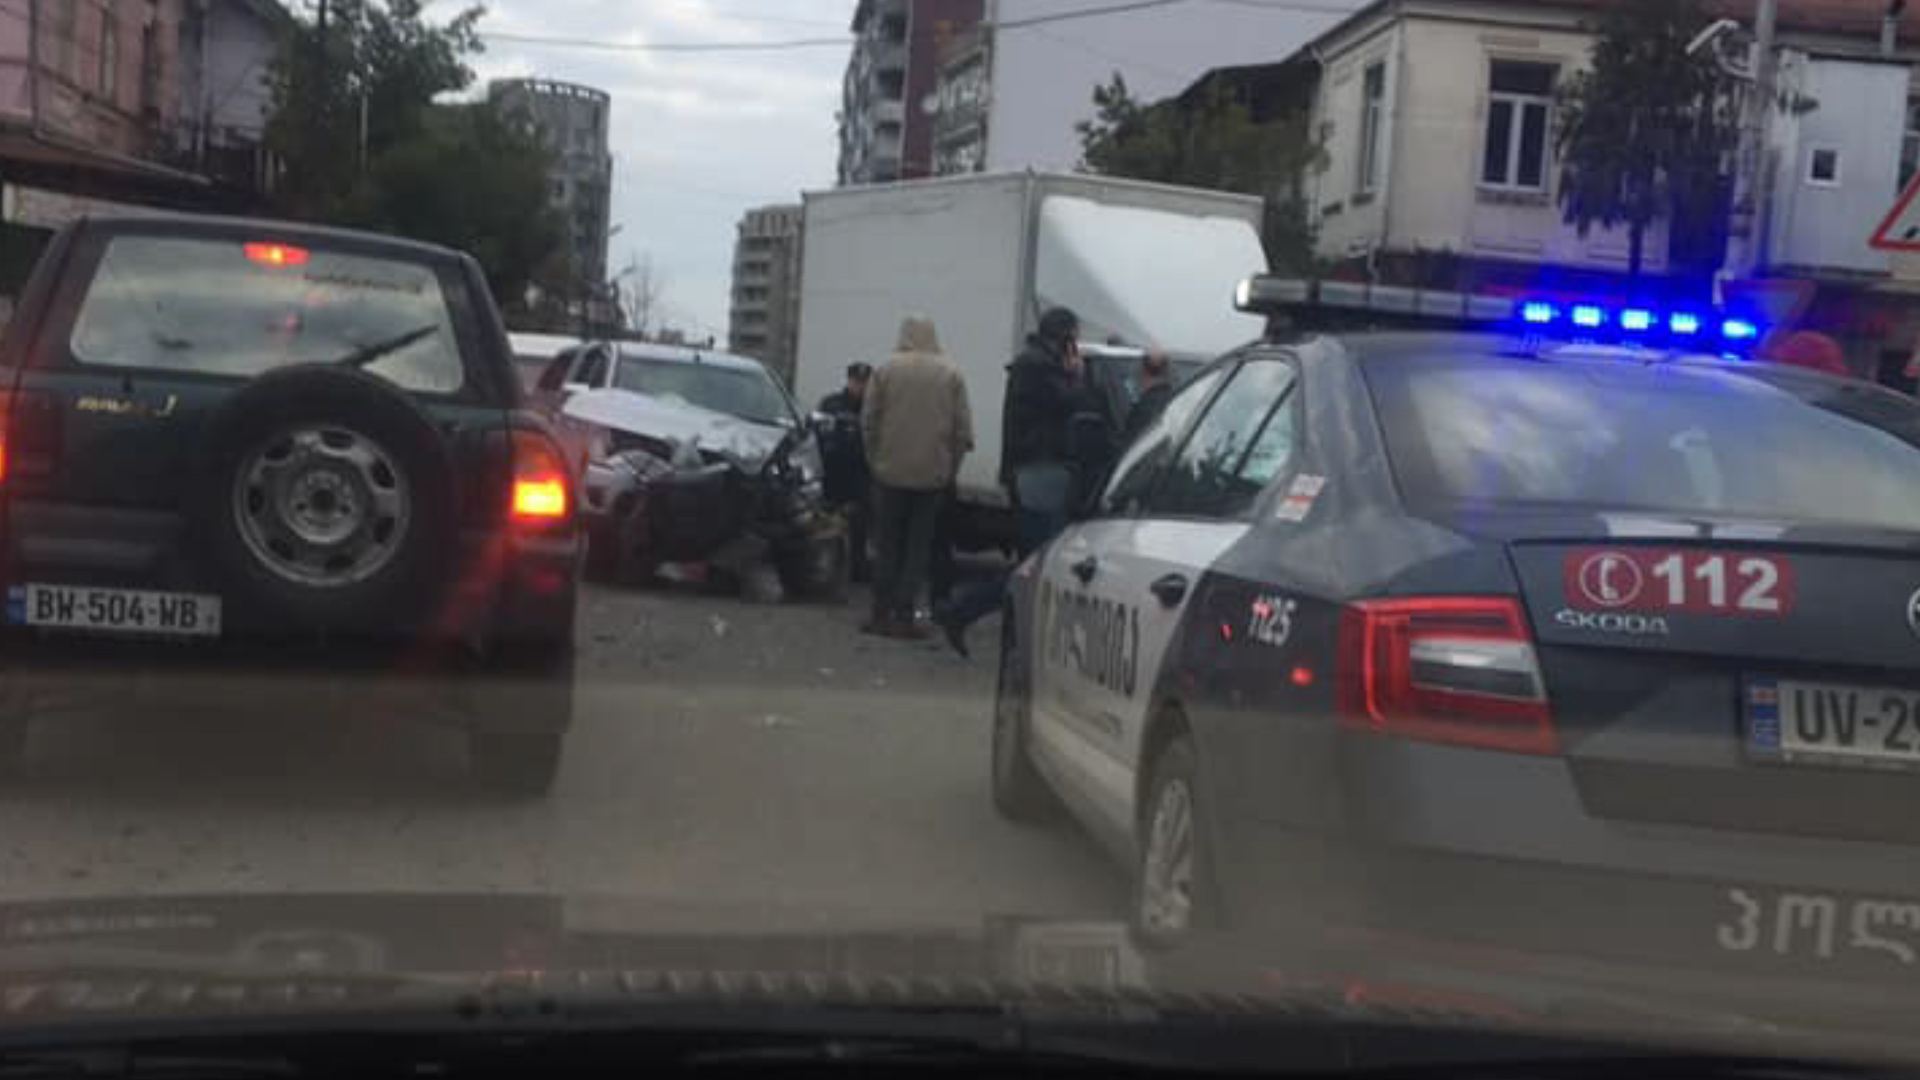 ბათუმში, პუშკინისა და ჯაფარიძის ქუჩების კვეთაში, ავარია მოხდა